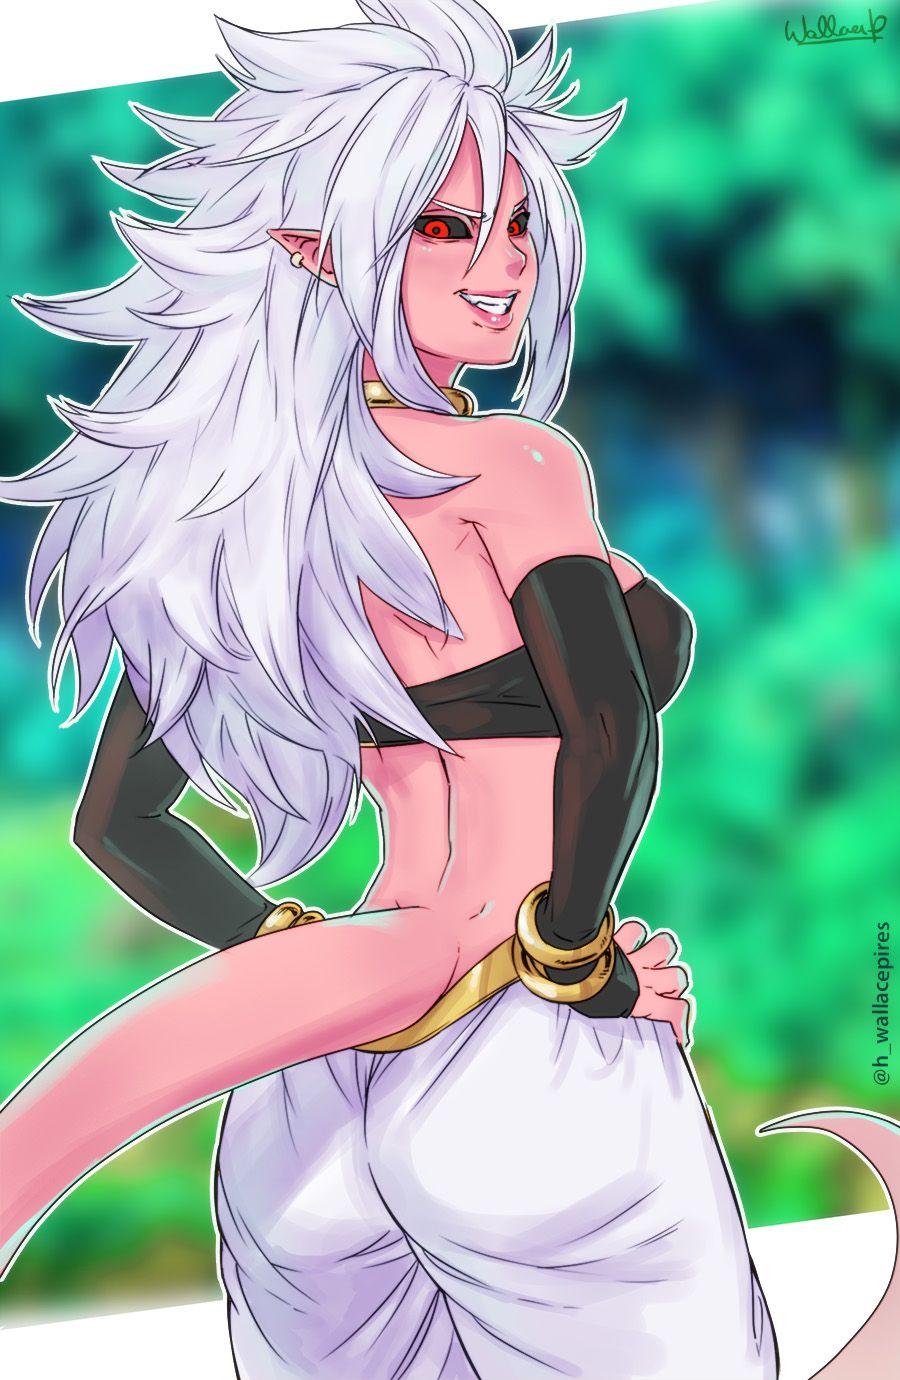 Pin by Mike on anime | Anime dragon ball super, Dragon